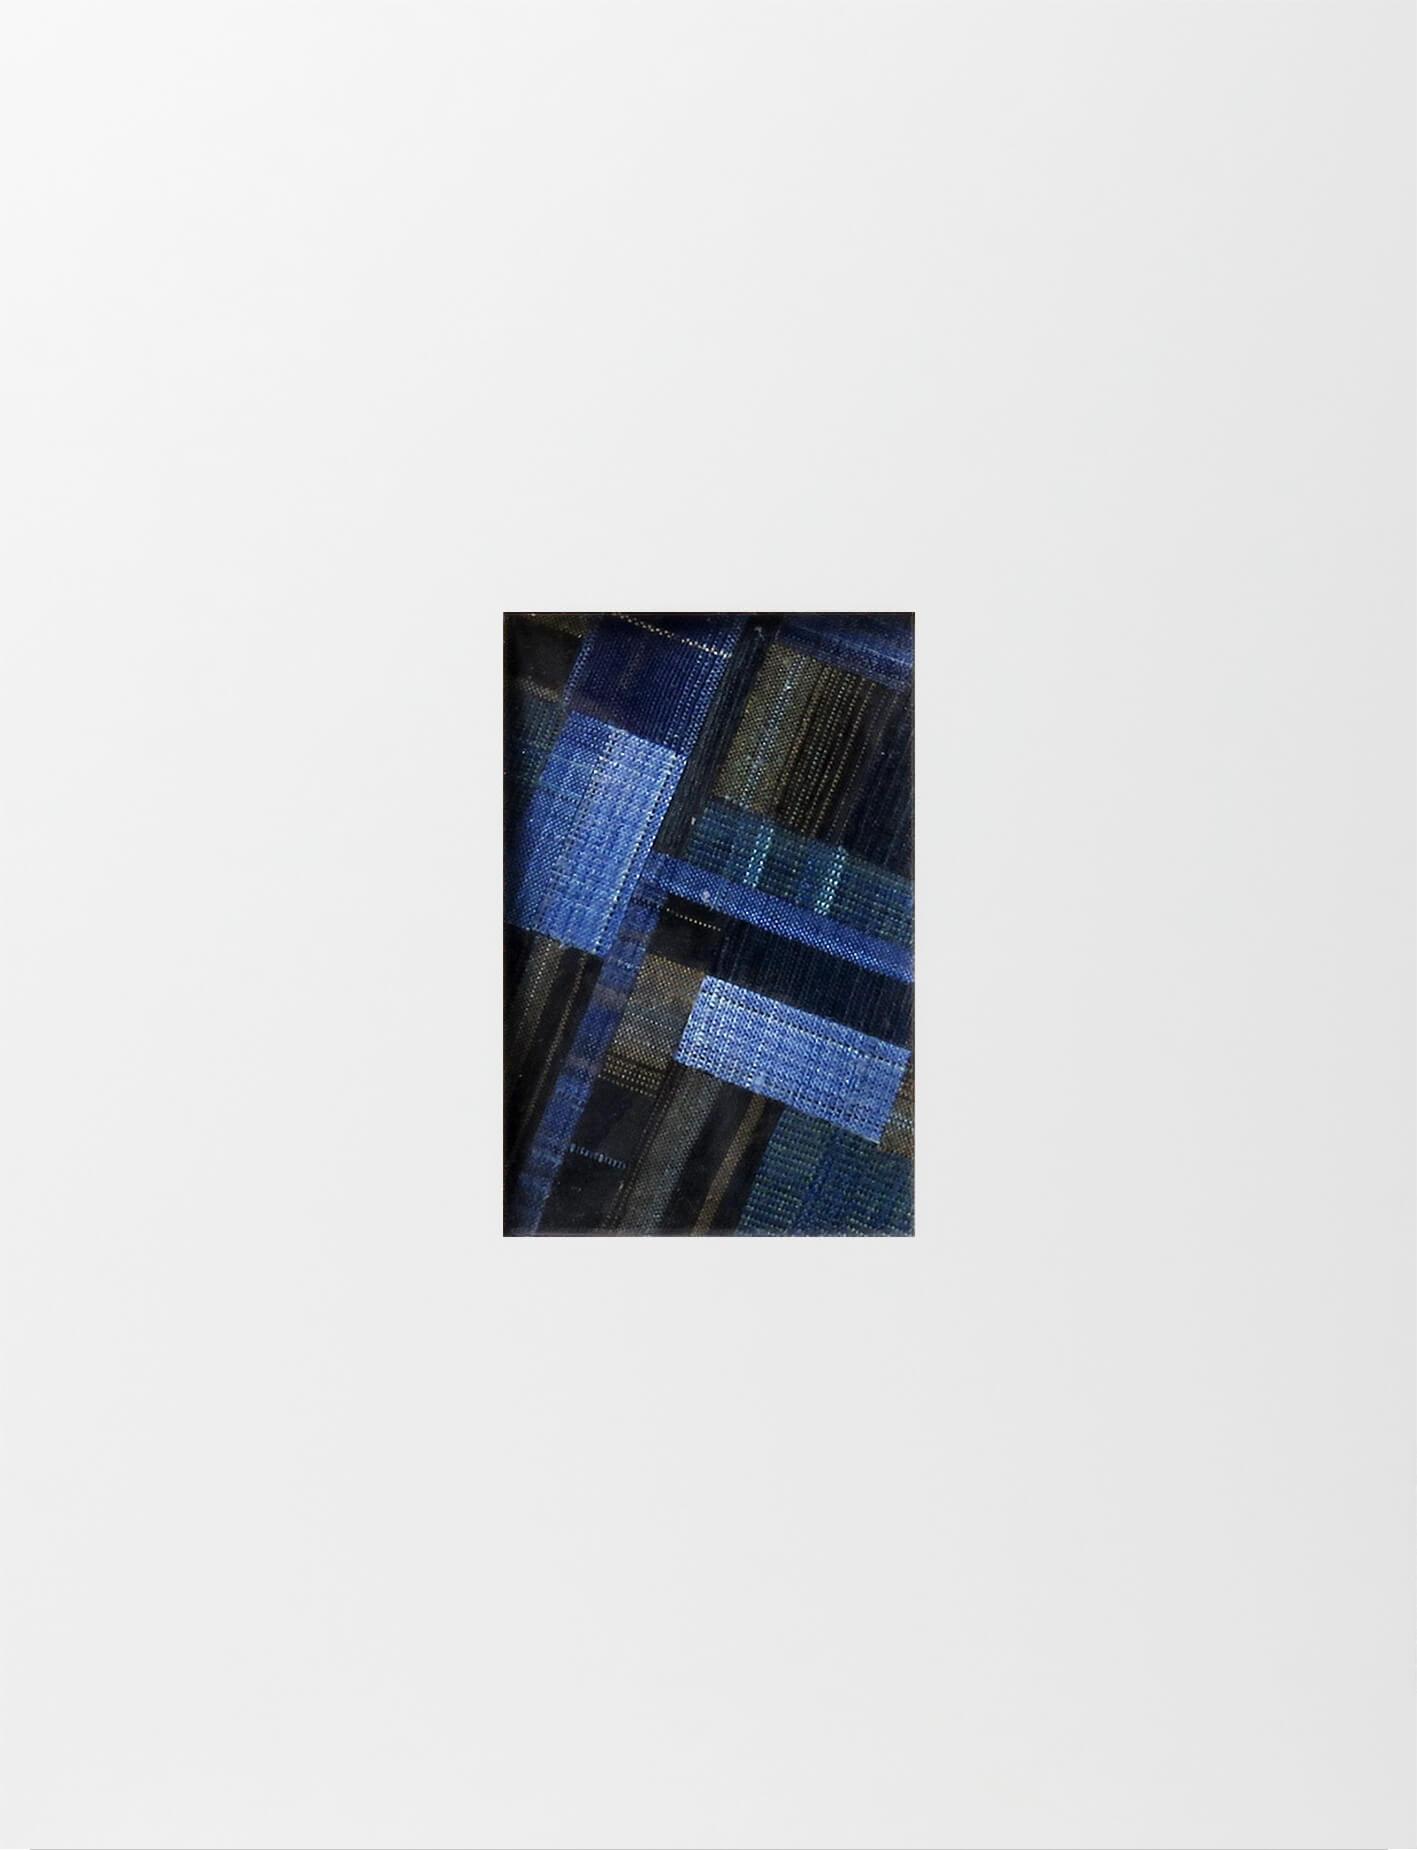 アトリエシムラ「小裂の額装 ♯1-0061」の画像